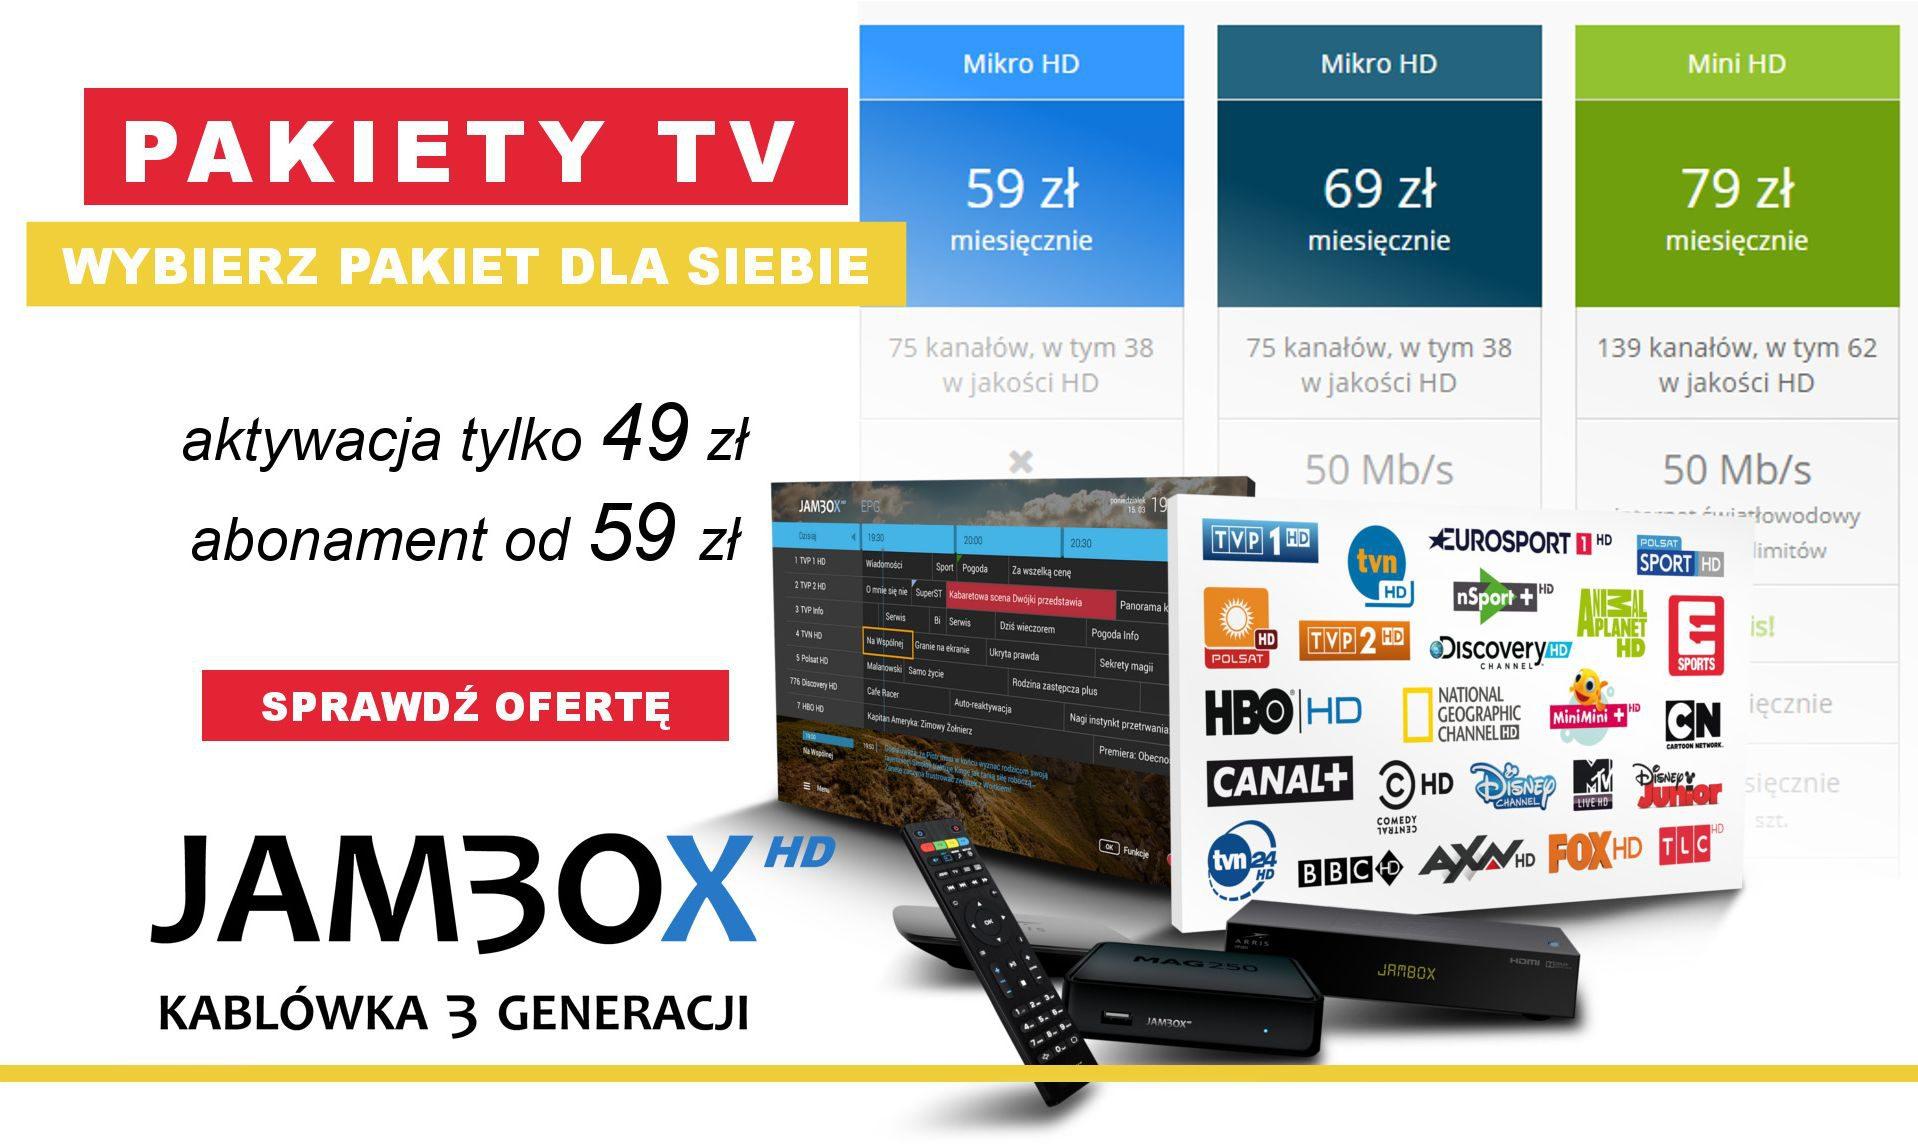 telewizja_1920-3